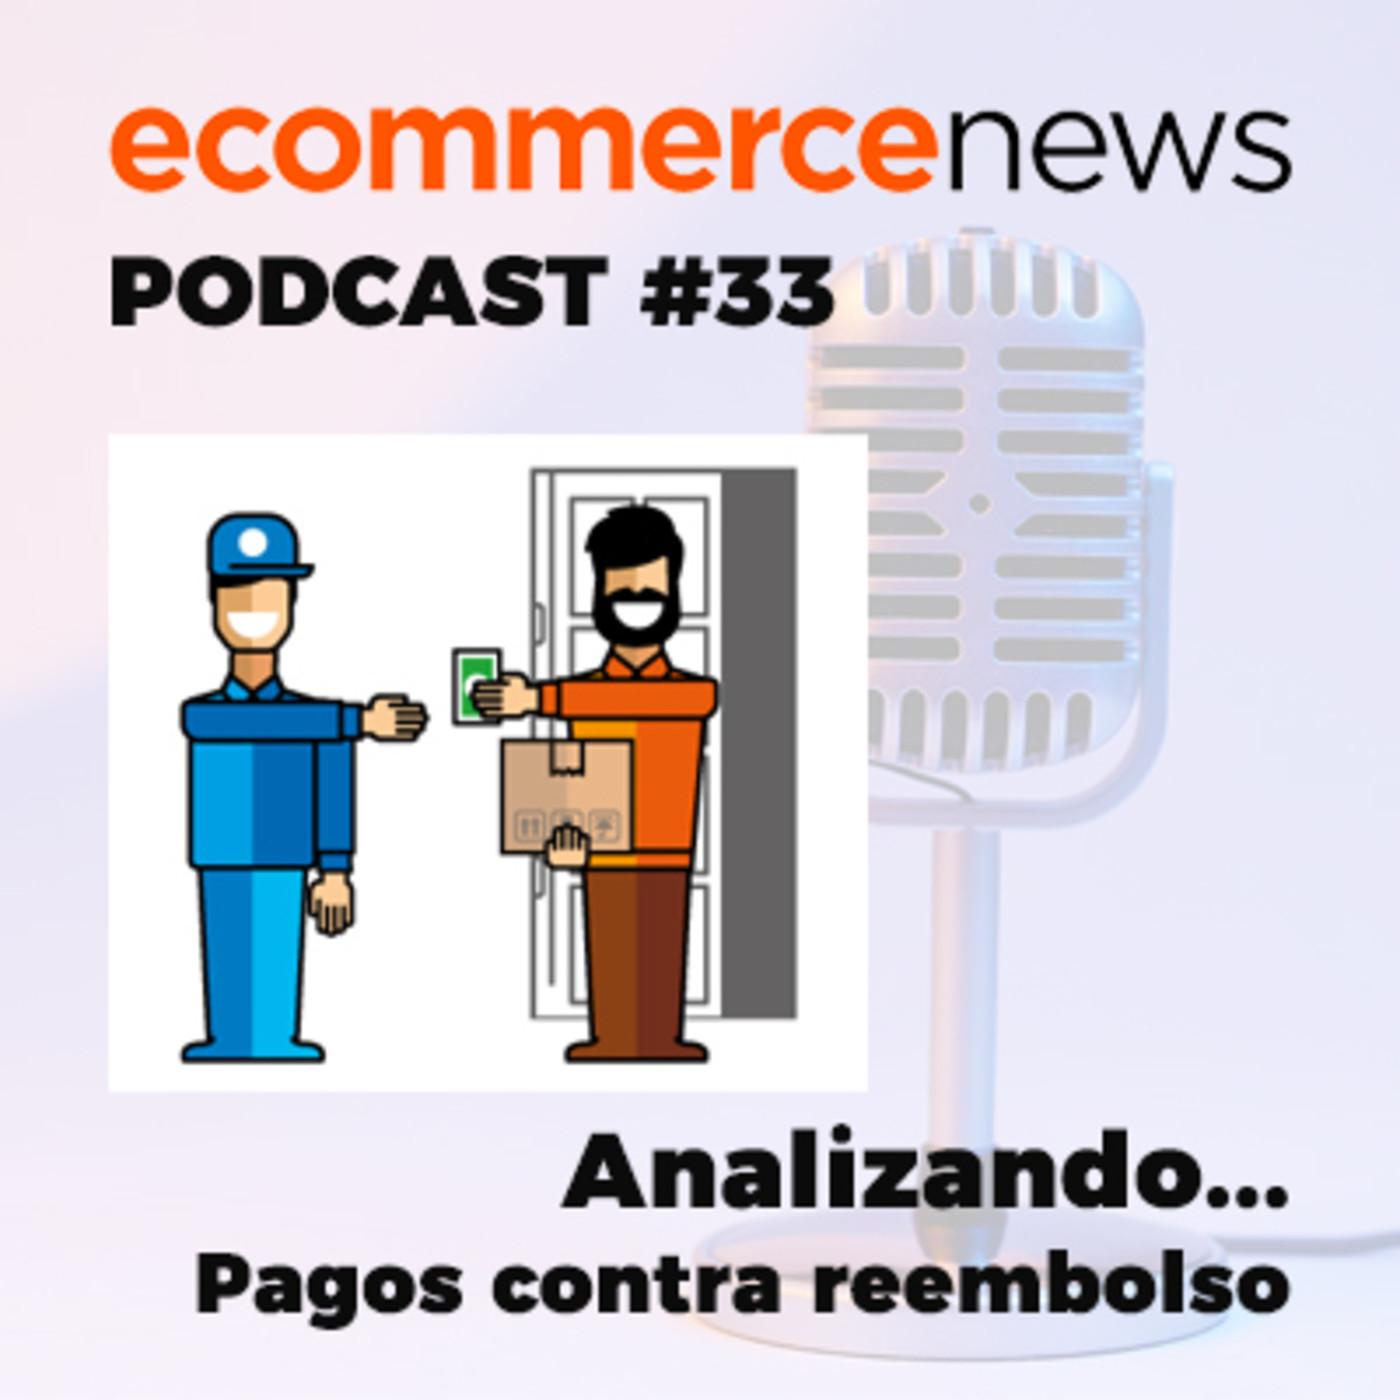 Ecommerce News Radio #33. Analizando los pros y contras del pago contra reembolso